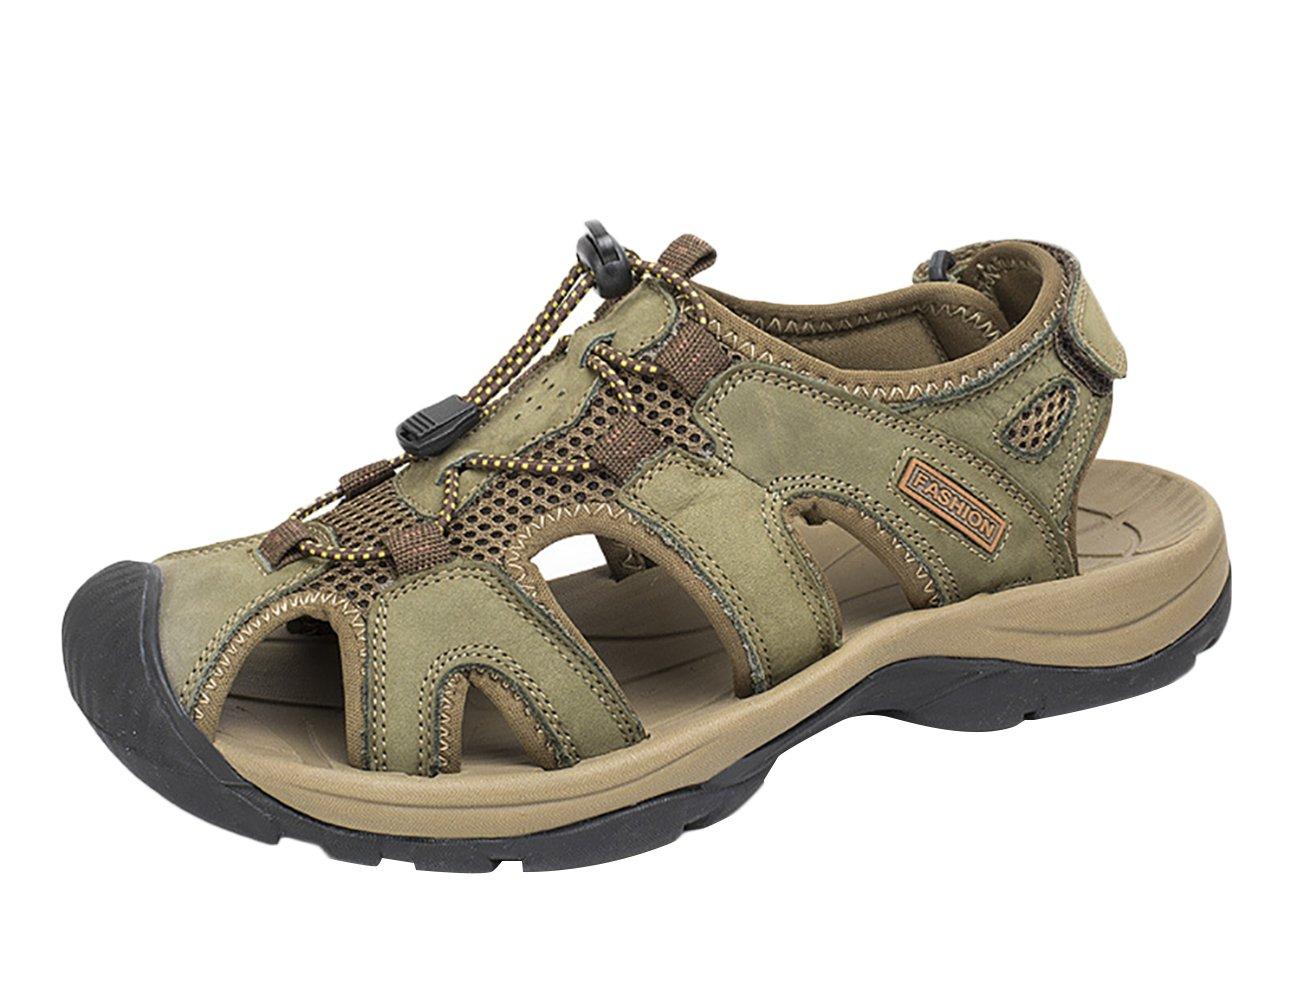 SK Studio Hombre Montaña Sandalias de Cuero Outdoor Punta Cerrada Zapatos Con Velcro 43 EU Verde caqui